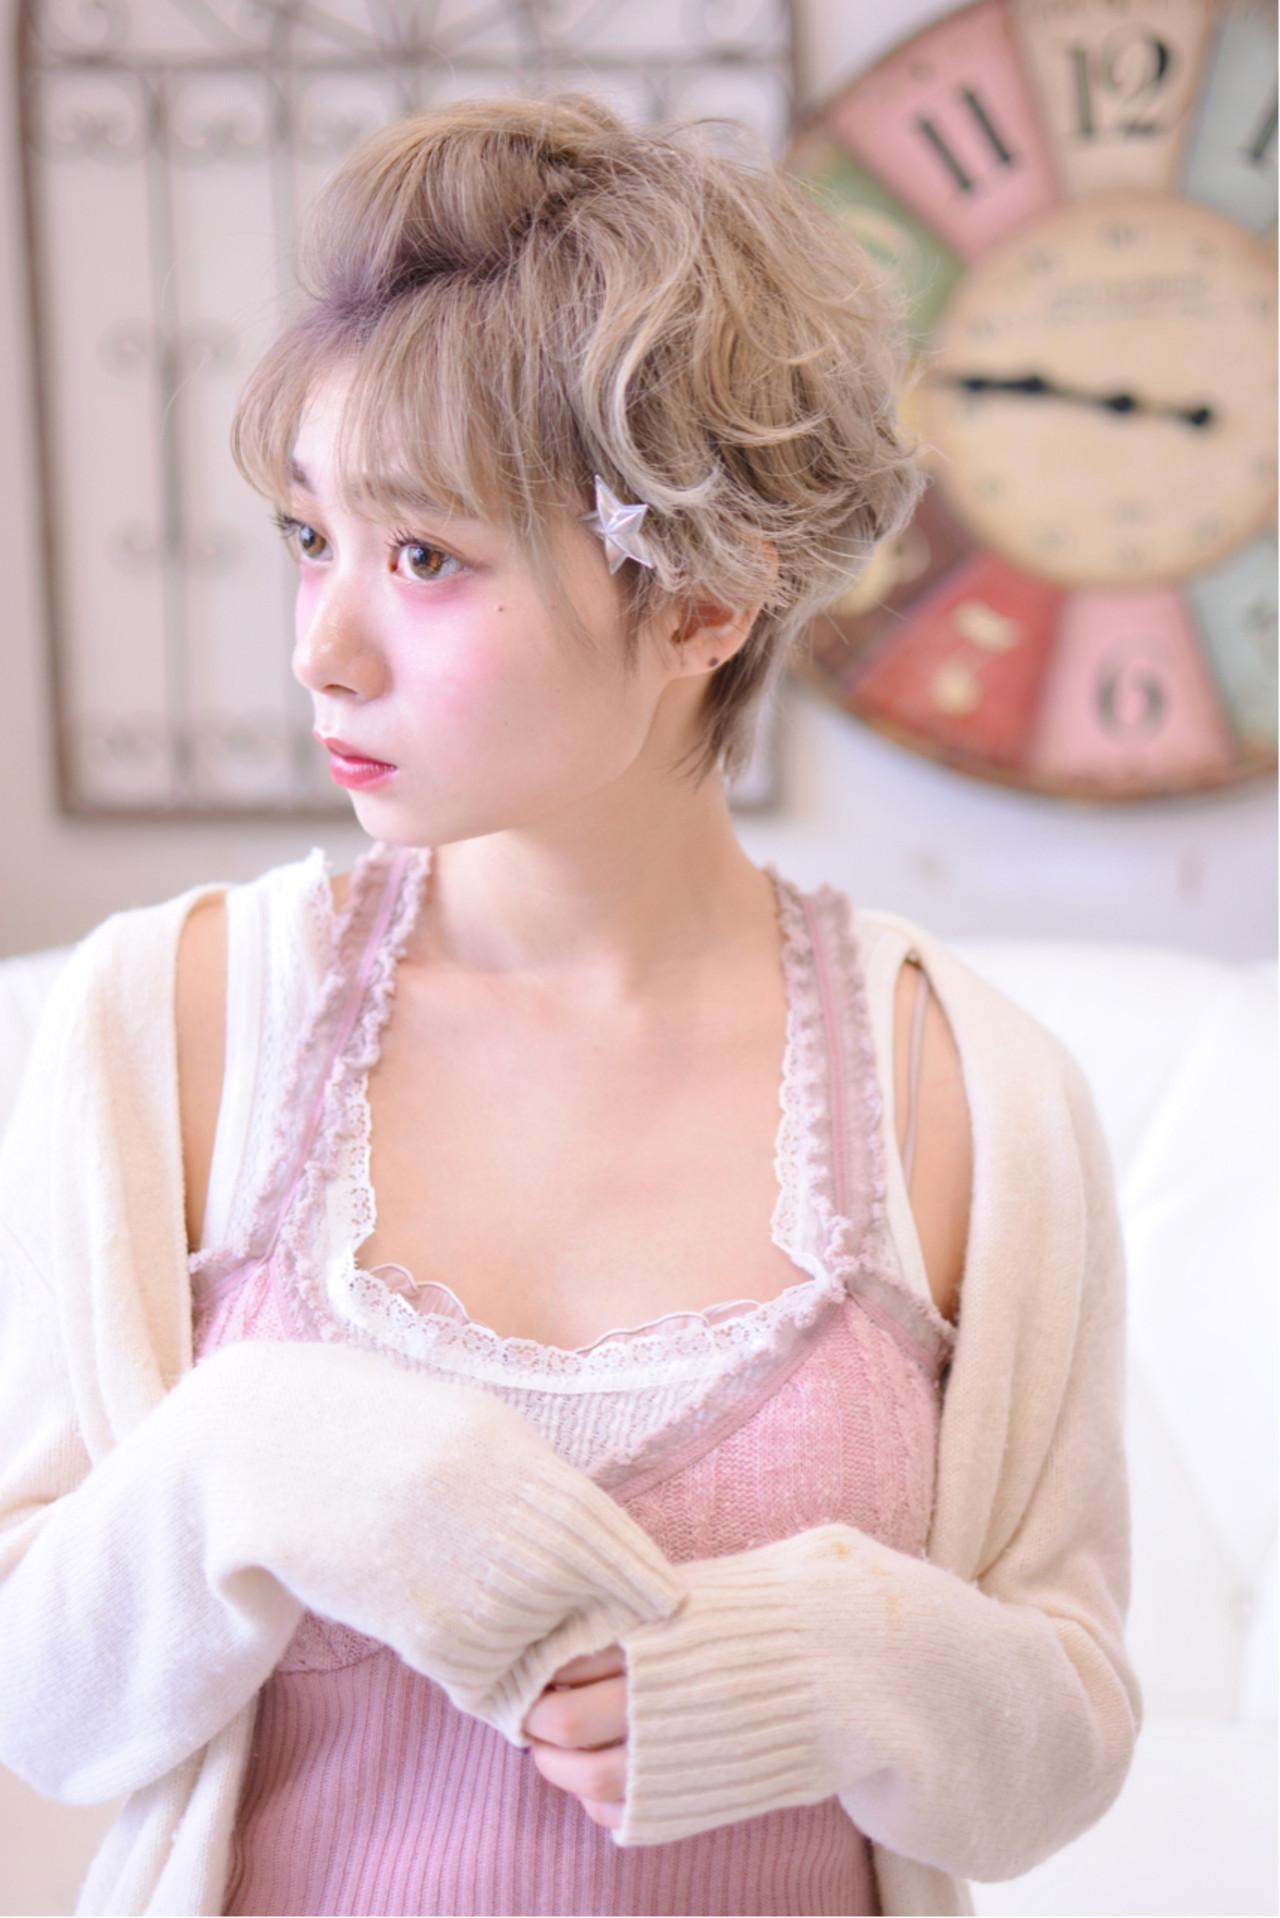 前髪なしのポンパドールは髪飾りがポイント Shiko Kajihara | メイズ